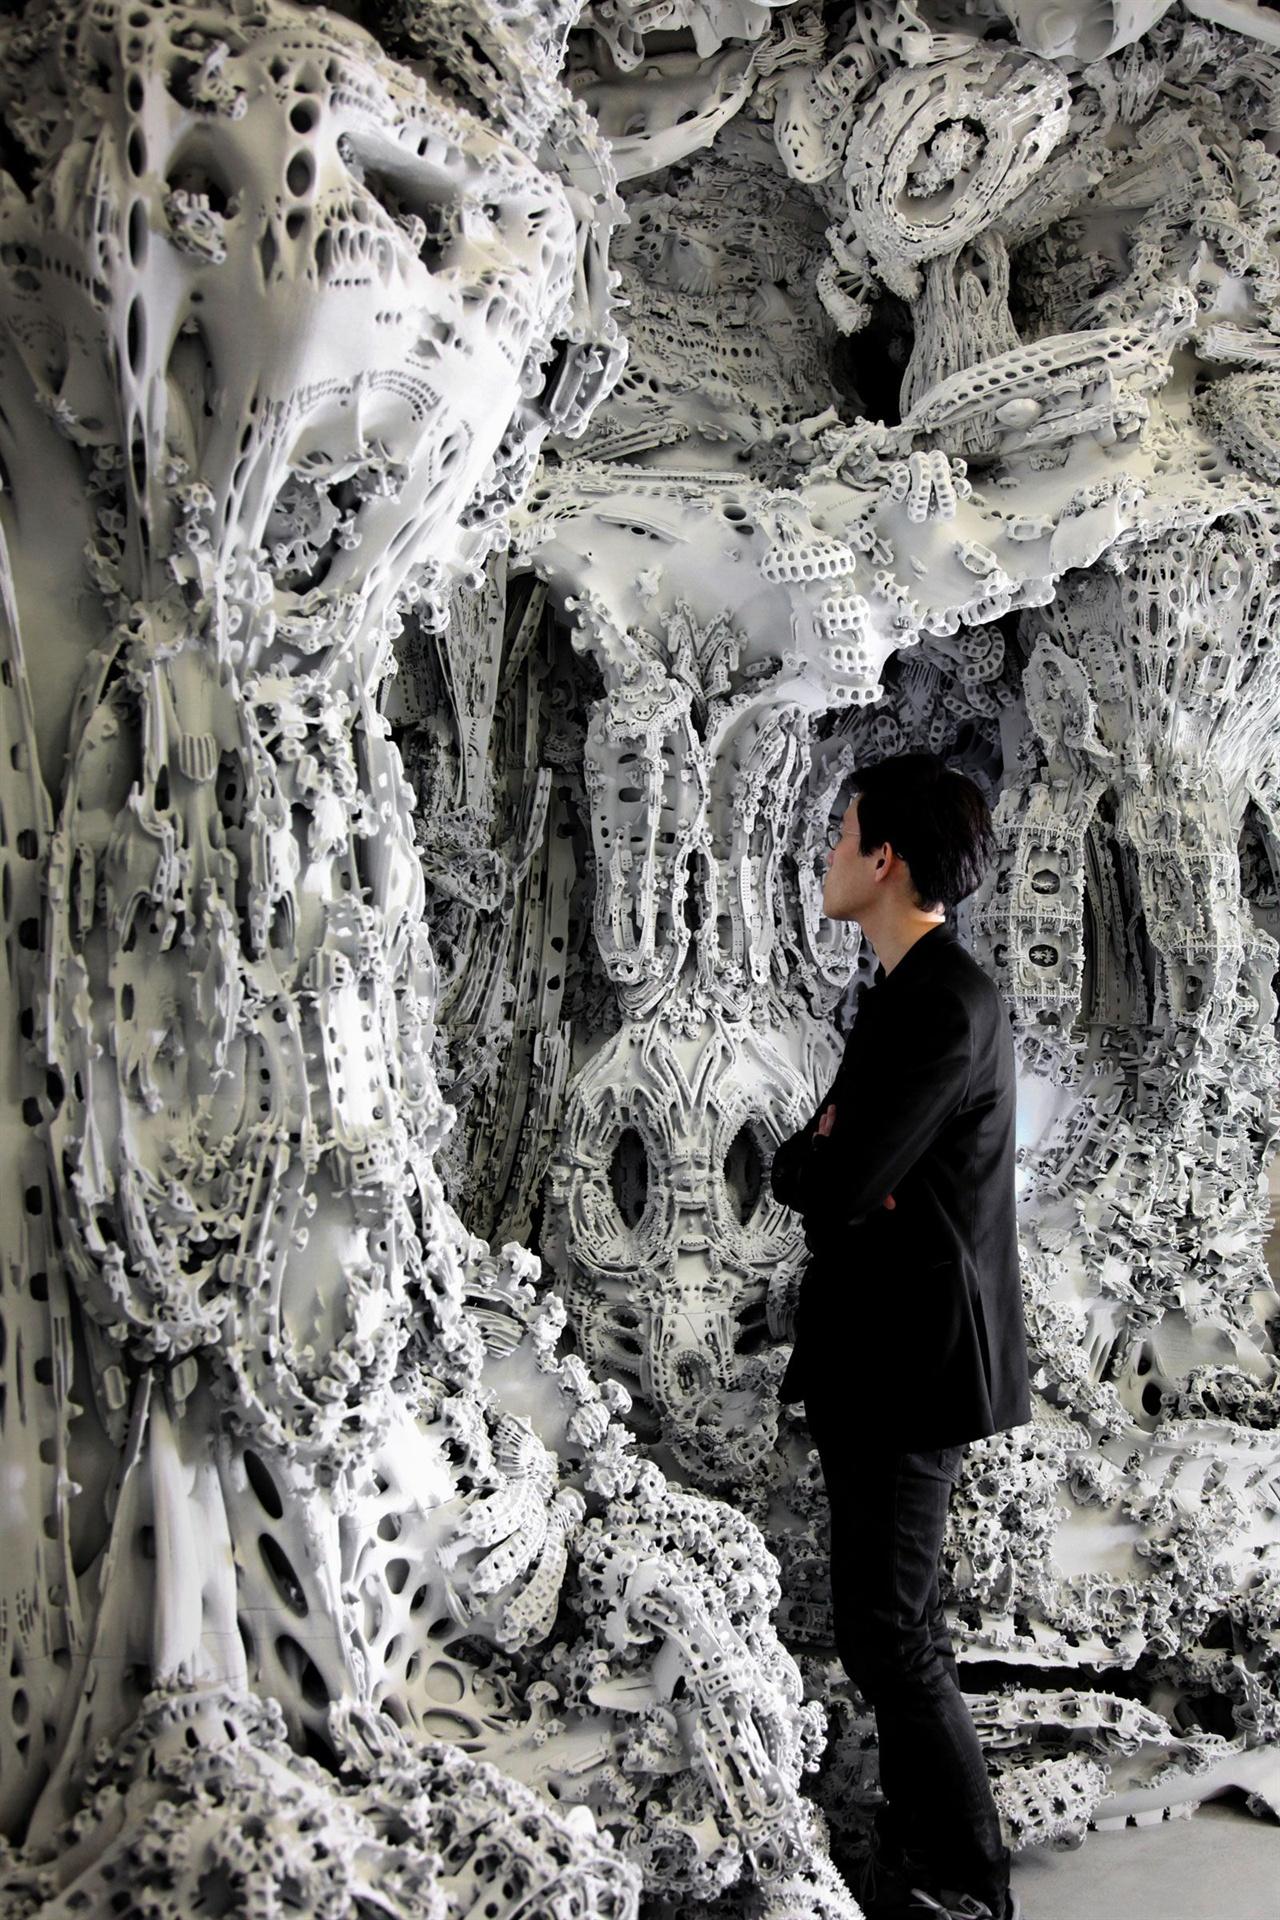 독일의 건축가, 마이클 한스마이어가 알고리즘으로 만든 세상에서 가장 복잡한 건축 구조물 '디지털 그로테스크'.